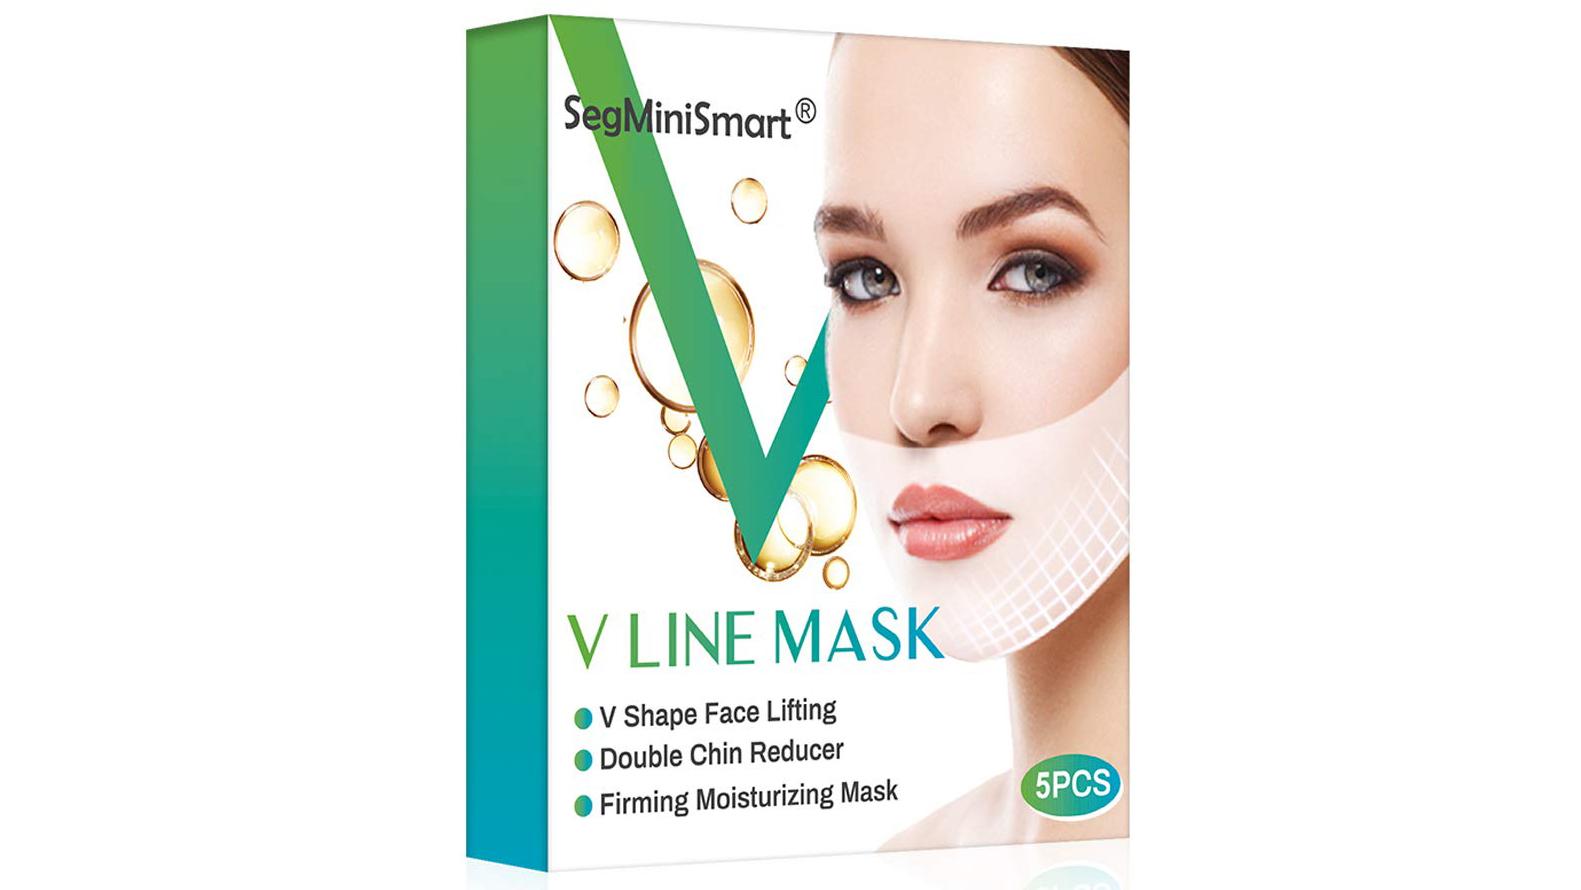 SegMiniSmart V Line Mask